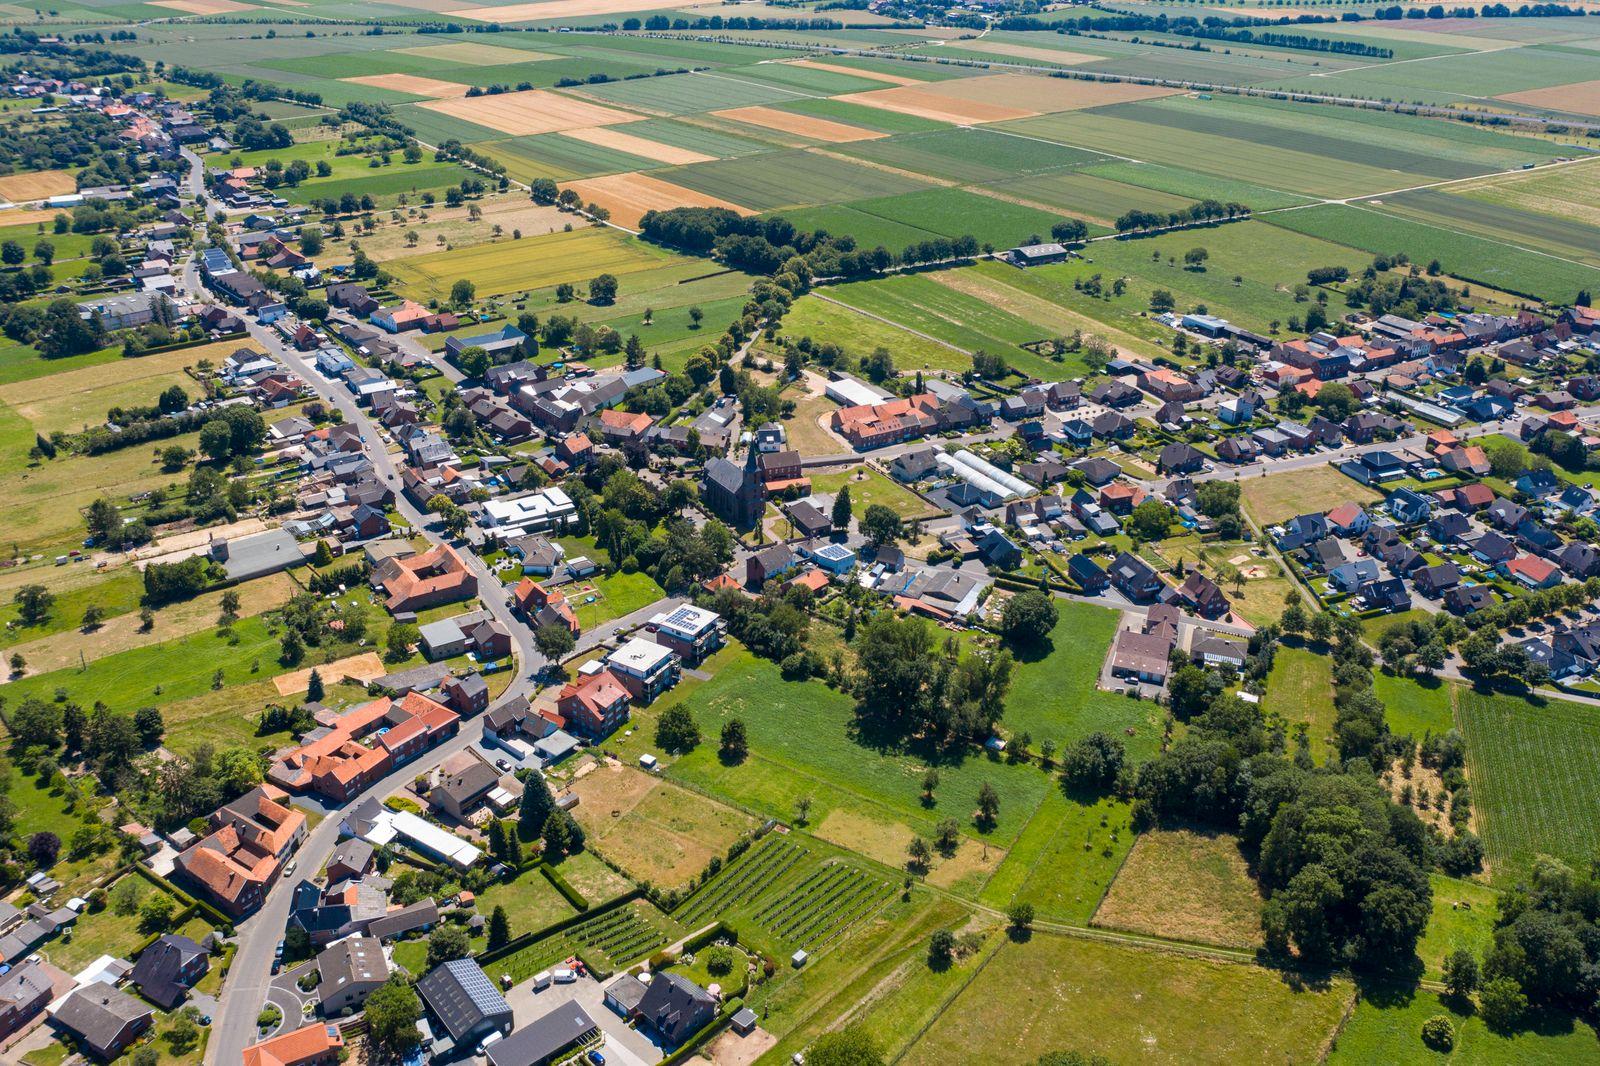 25.06.2020 , Kreis Heinsberg , Gemeinde Gangelt , 4 Monate nach dem Ausbruch des Coronavirus in NRW. Luftbild Gangelt La